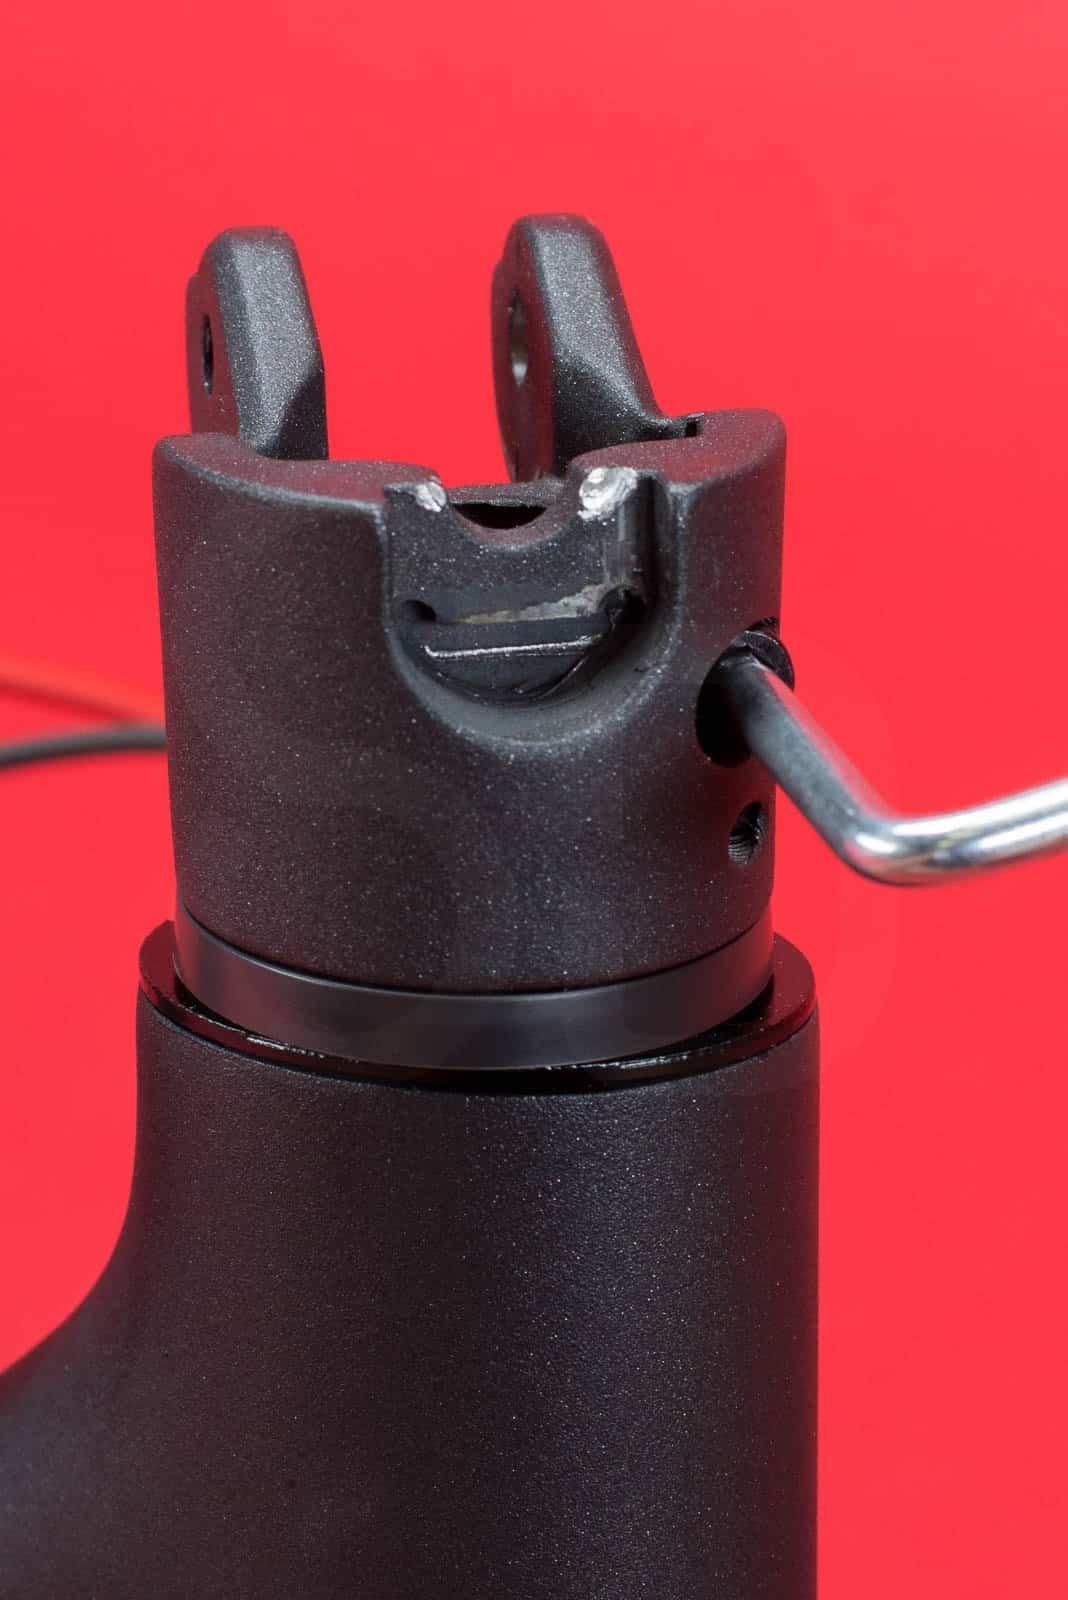 Système de fixation pour potence de trottinette xiaomi